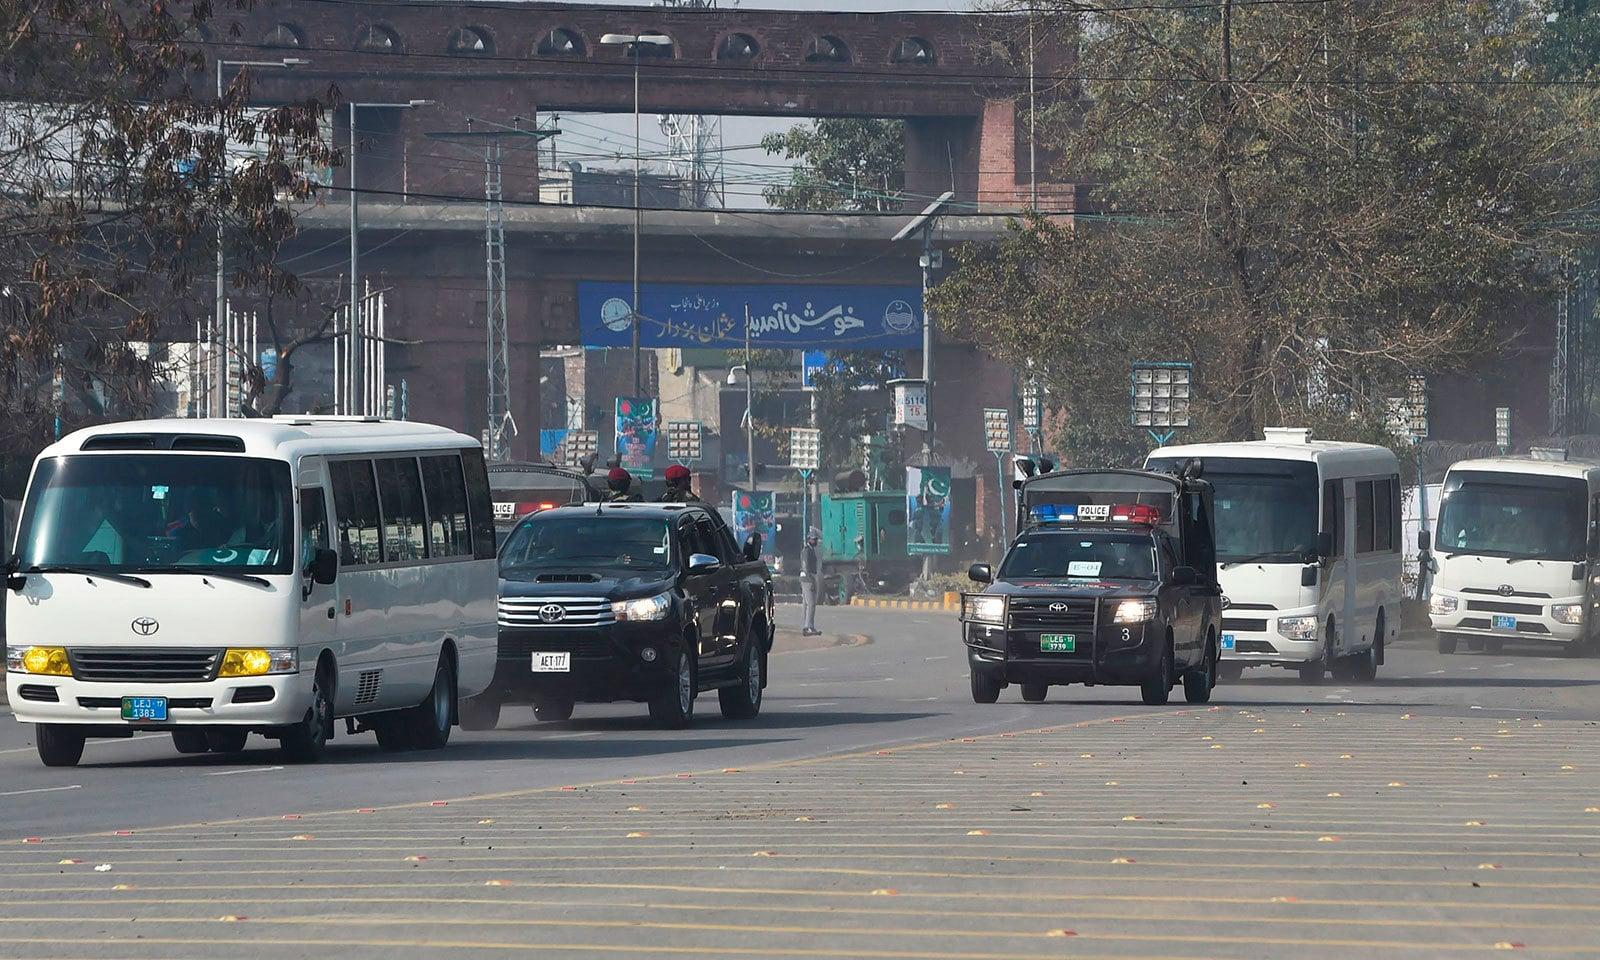 دوسرے ٹی ٹوئنٹی کے لیے بنگلہ دیش اور پاکستان کی ٹیموں کو سخت سیکیورٹی میں اسٹیڈیم لایا گیا—فوٹو:اے ایف پی